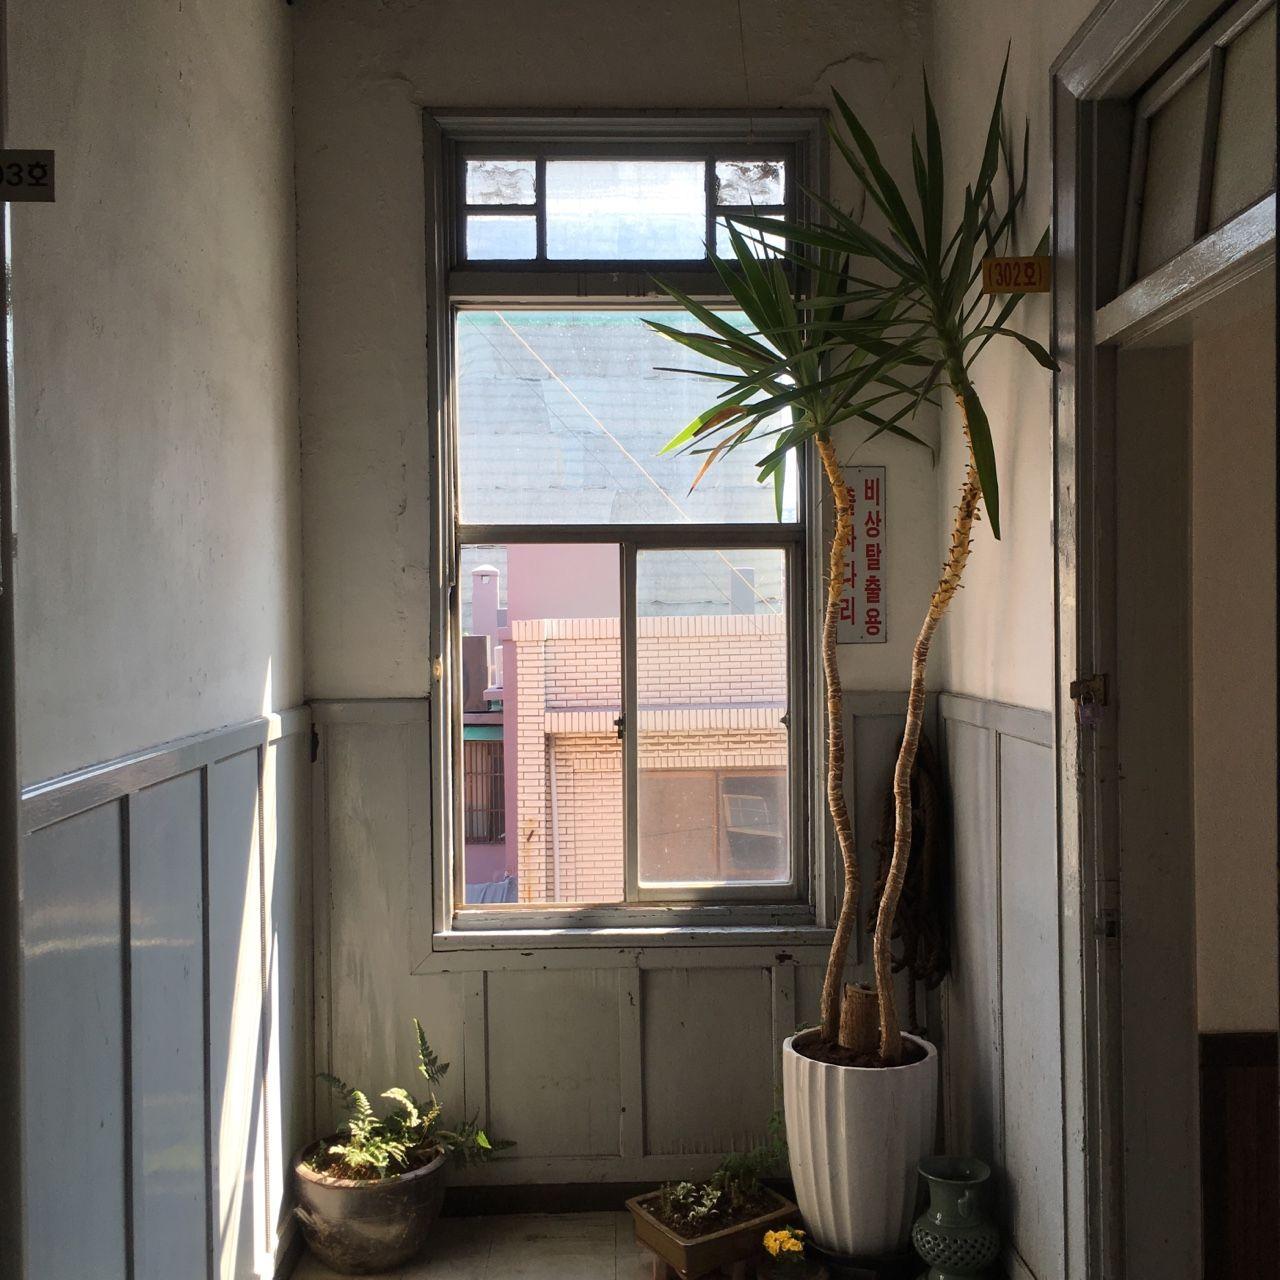 첫 술에 배부를 수는 없으니  만약 2층에 개원한다면 복도에 채광이 좋은 창이 하나 있었으면